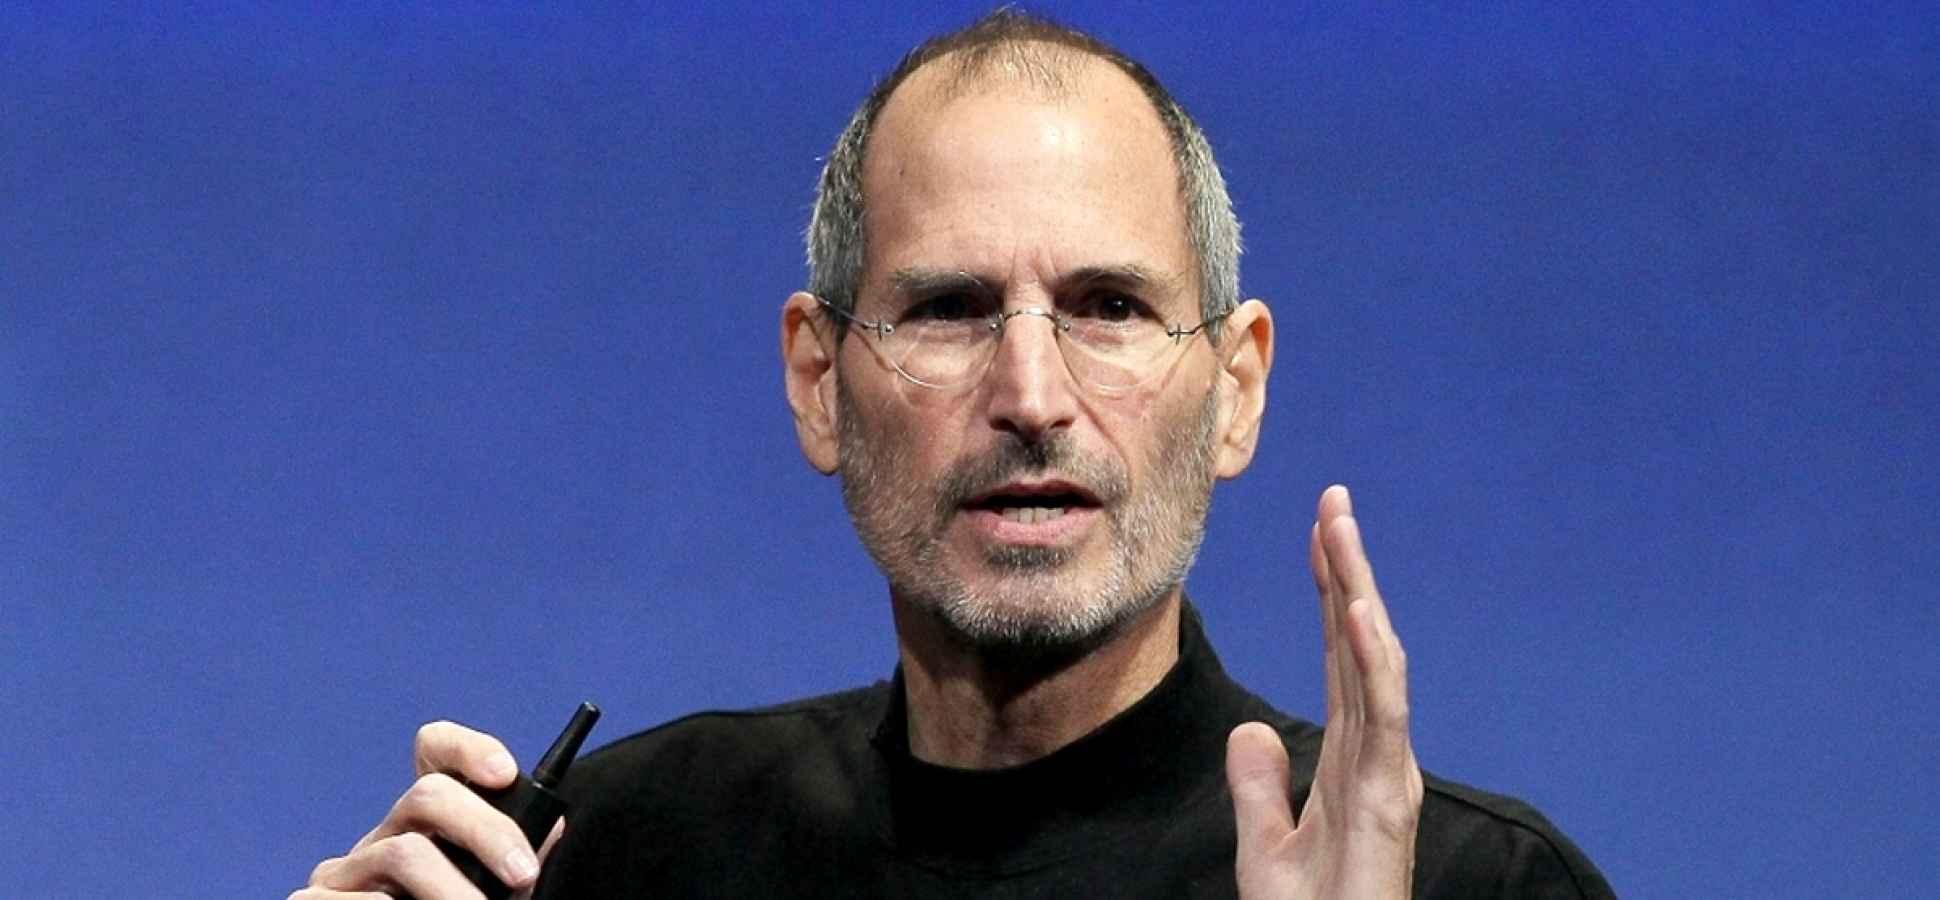 Steve Jobs Ebook Mobi